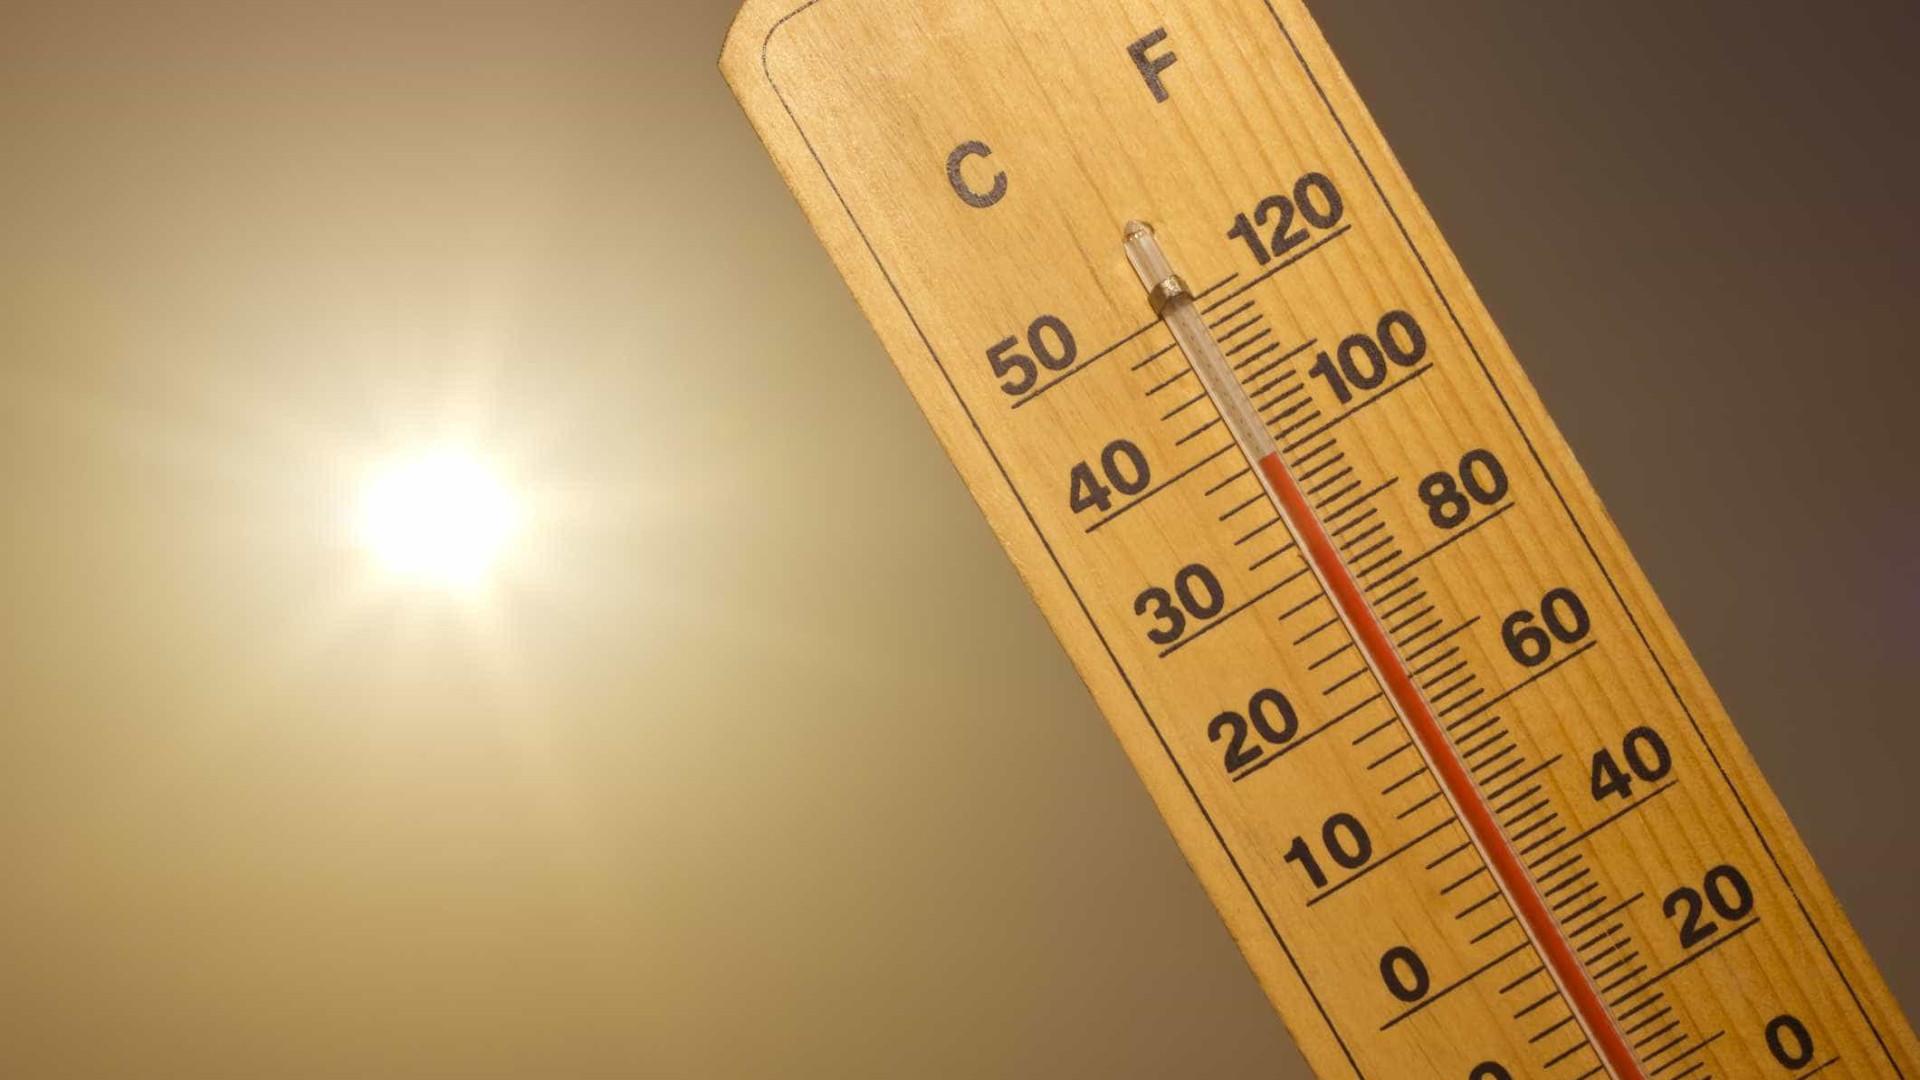 Hoje, temperaturas começam a subir. Amanhã e depois, calor vai apertar